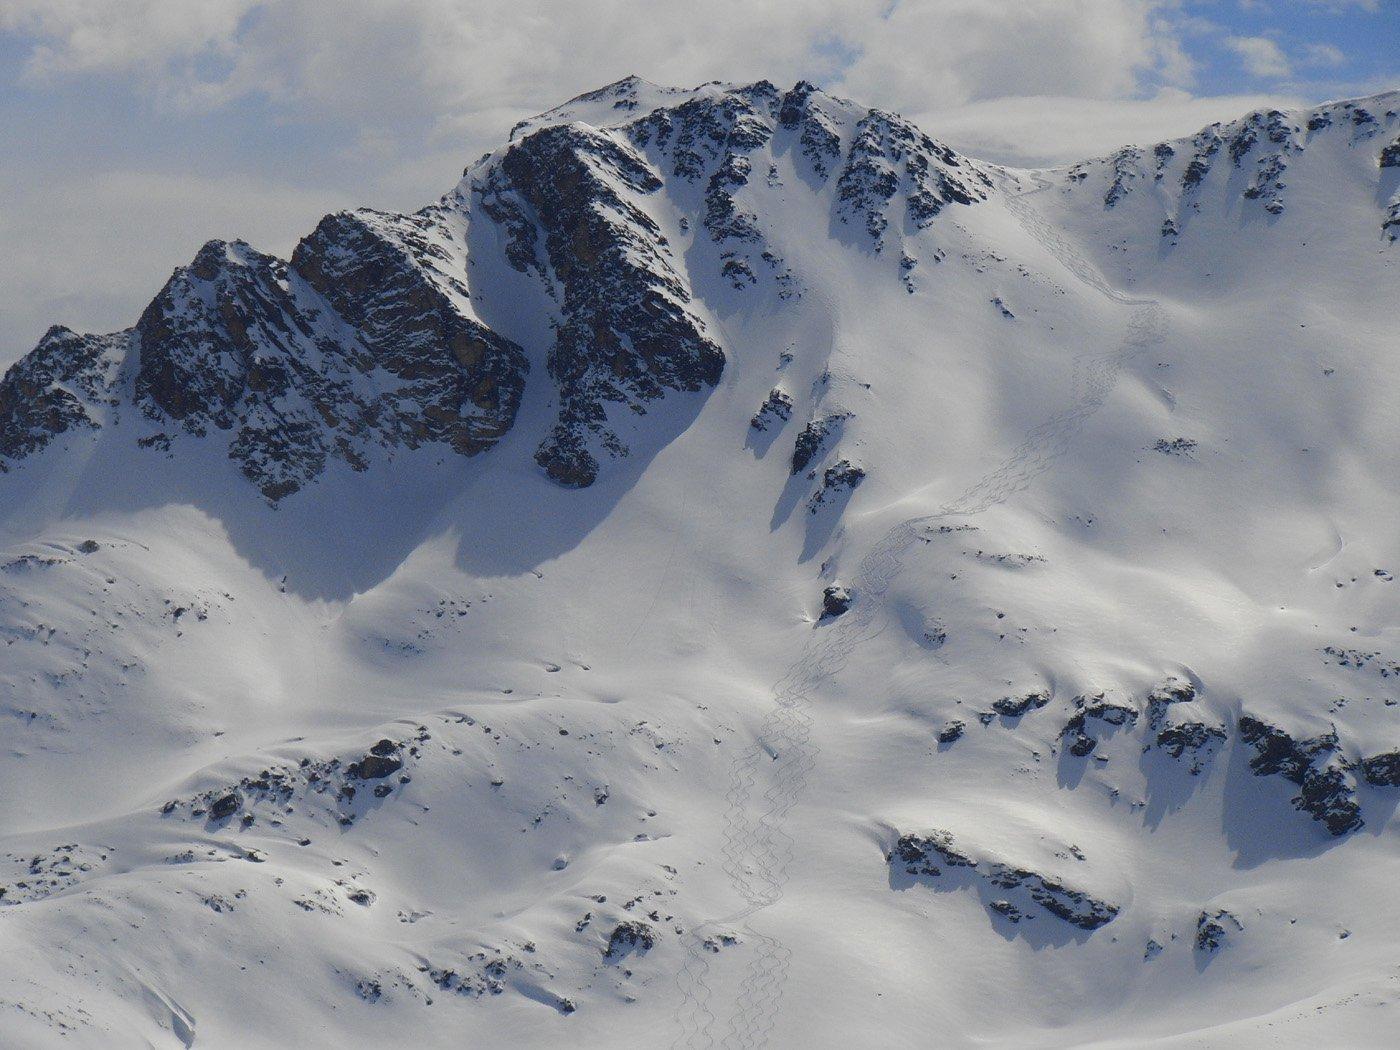 Le Rocher Blanc e versante di discesa